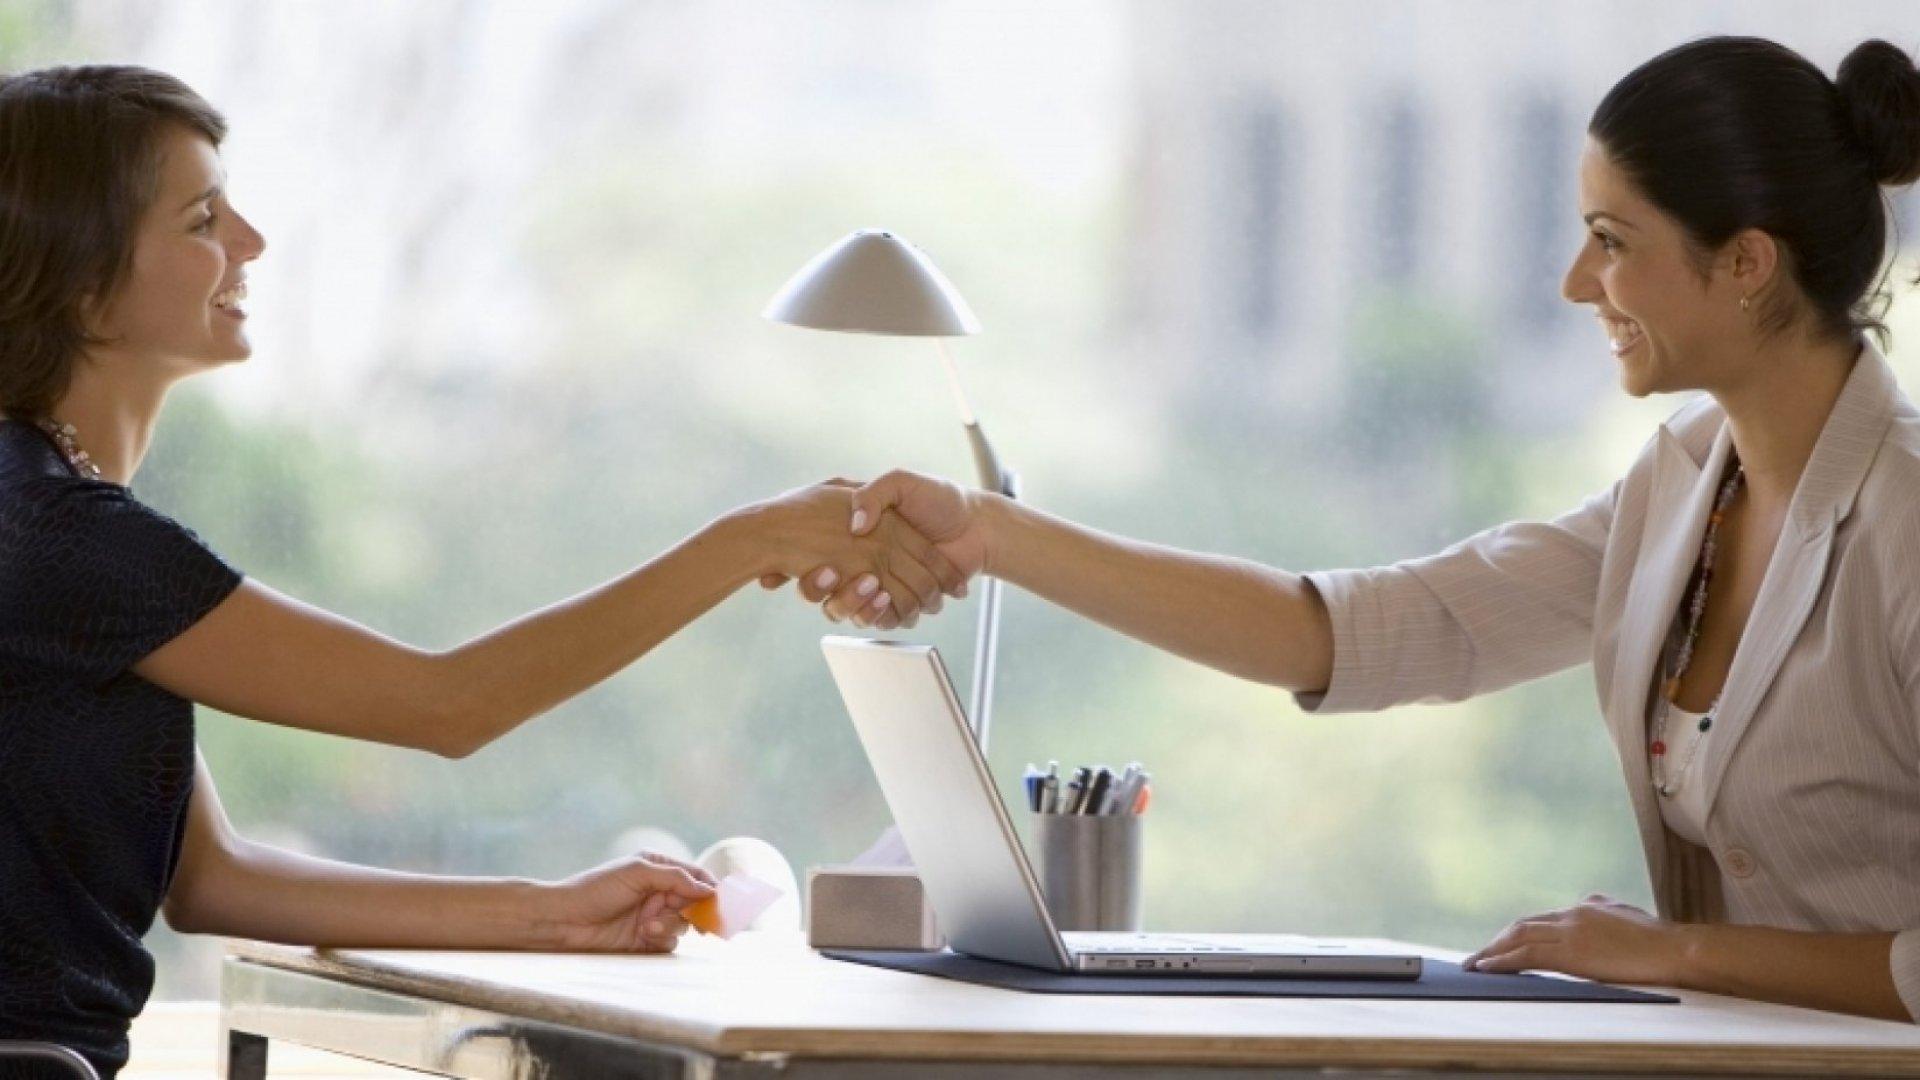 Five Tips for More Effective Partner Relationships